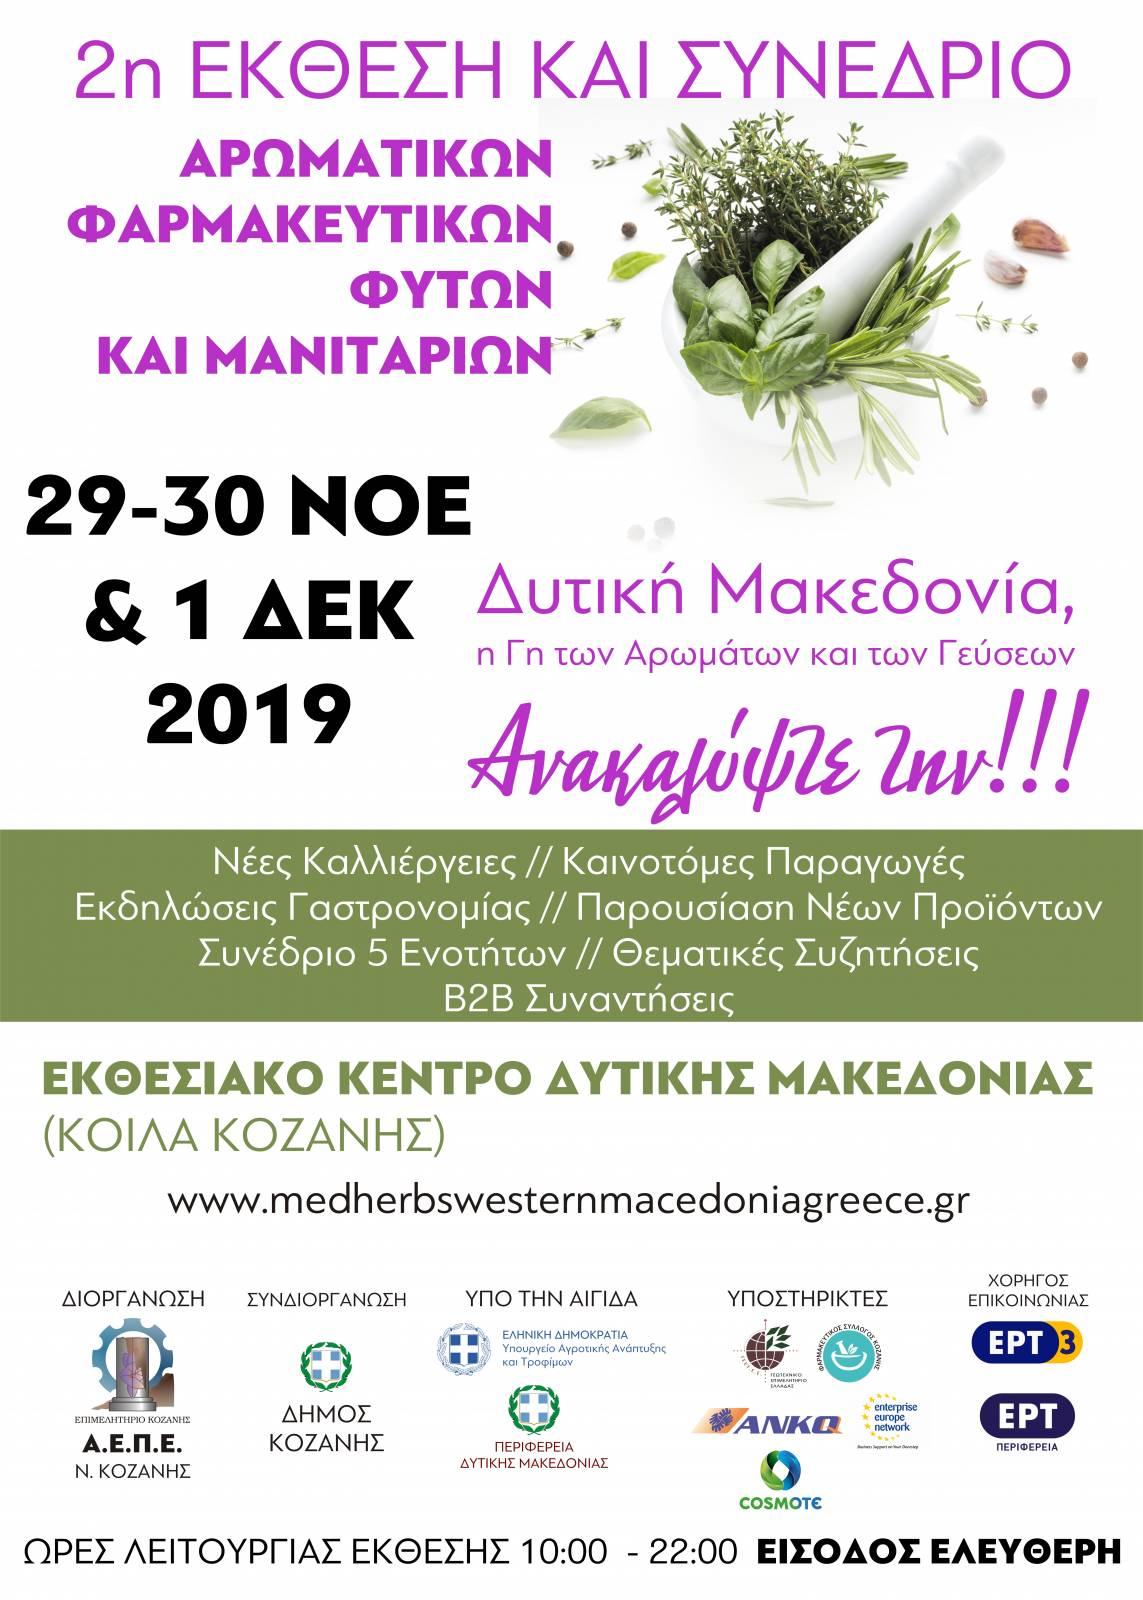 Αποτέλεσμα εικόνας για 2η έκθεση αρωματικων φαρμακευτικών φυτων Κοζανη